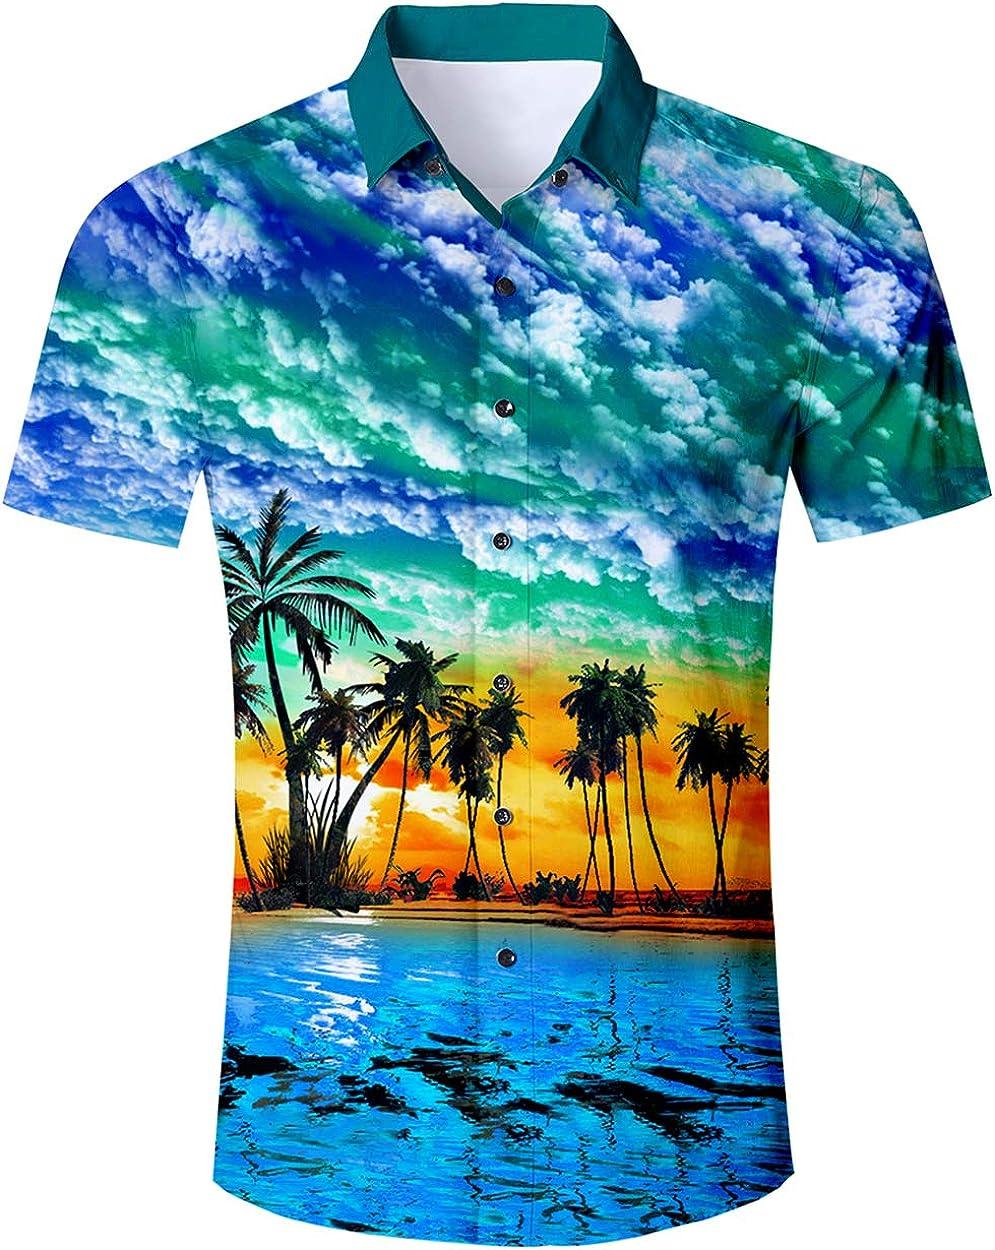 ALISISTER Camisa Hawaiana Hombre Estampado en 3D Botón Informal Abajo Playa Camisa Manga Corta Aloha de Vacaciones Camiseta Foral